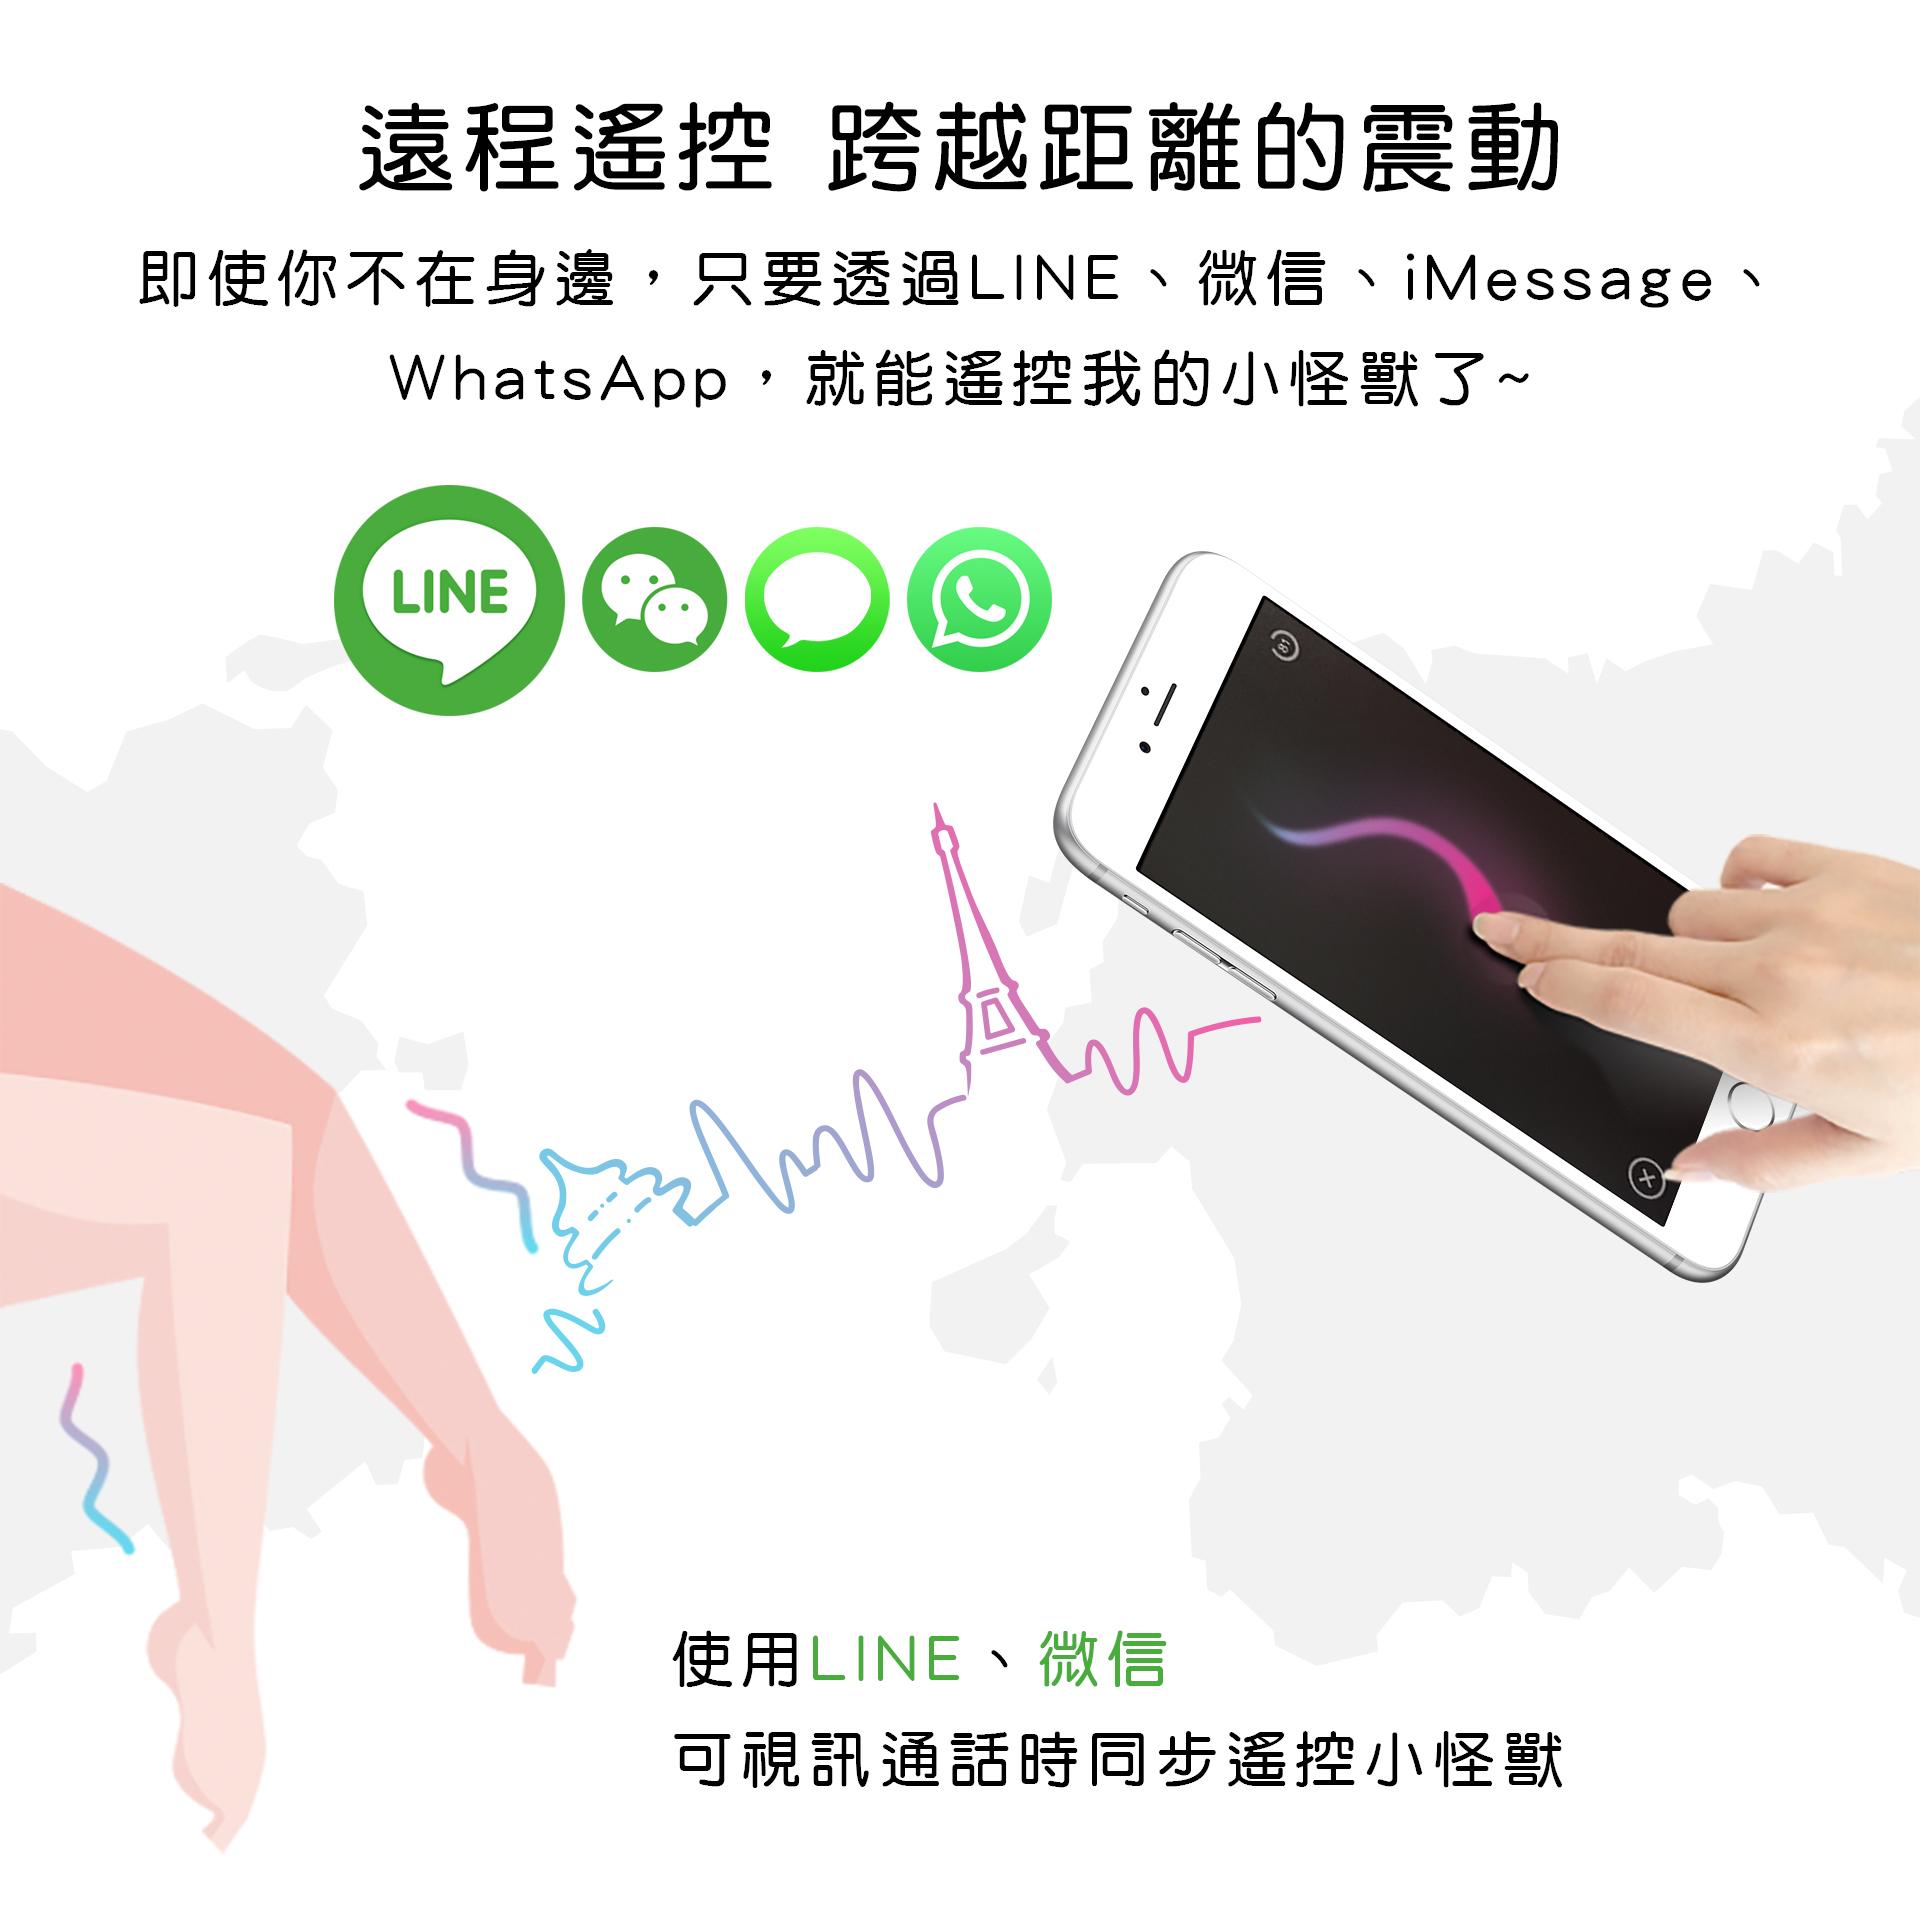 充電 app